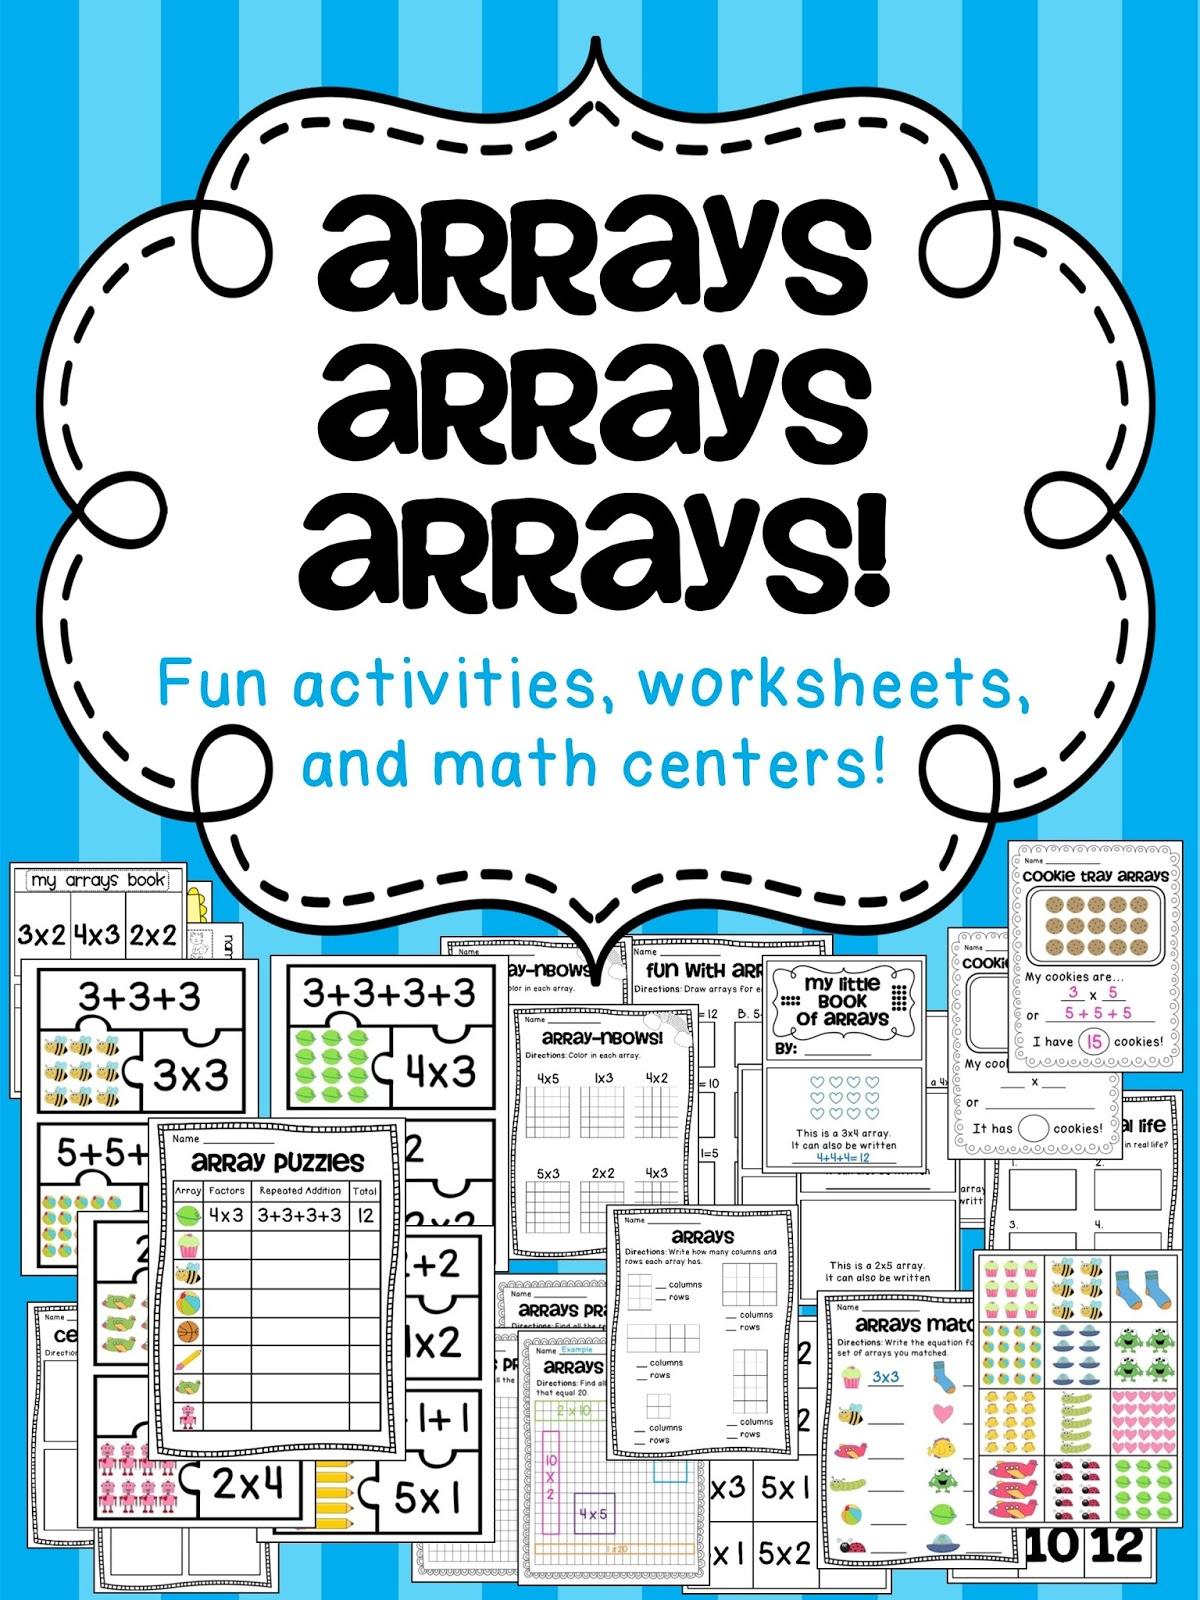 hight resolution of Miss Giraffe's Class: How to Teach Arrays